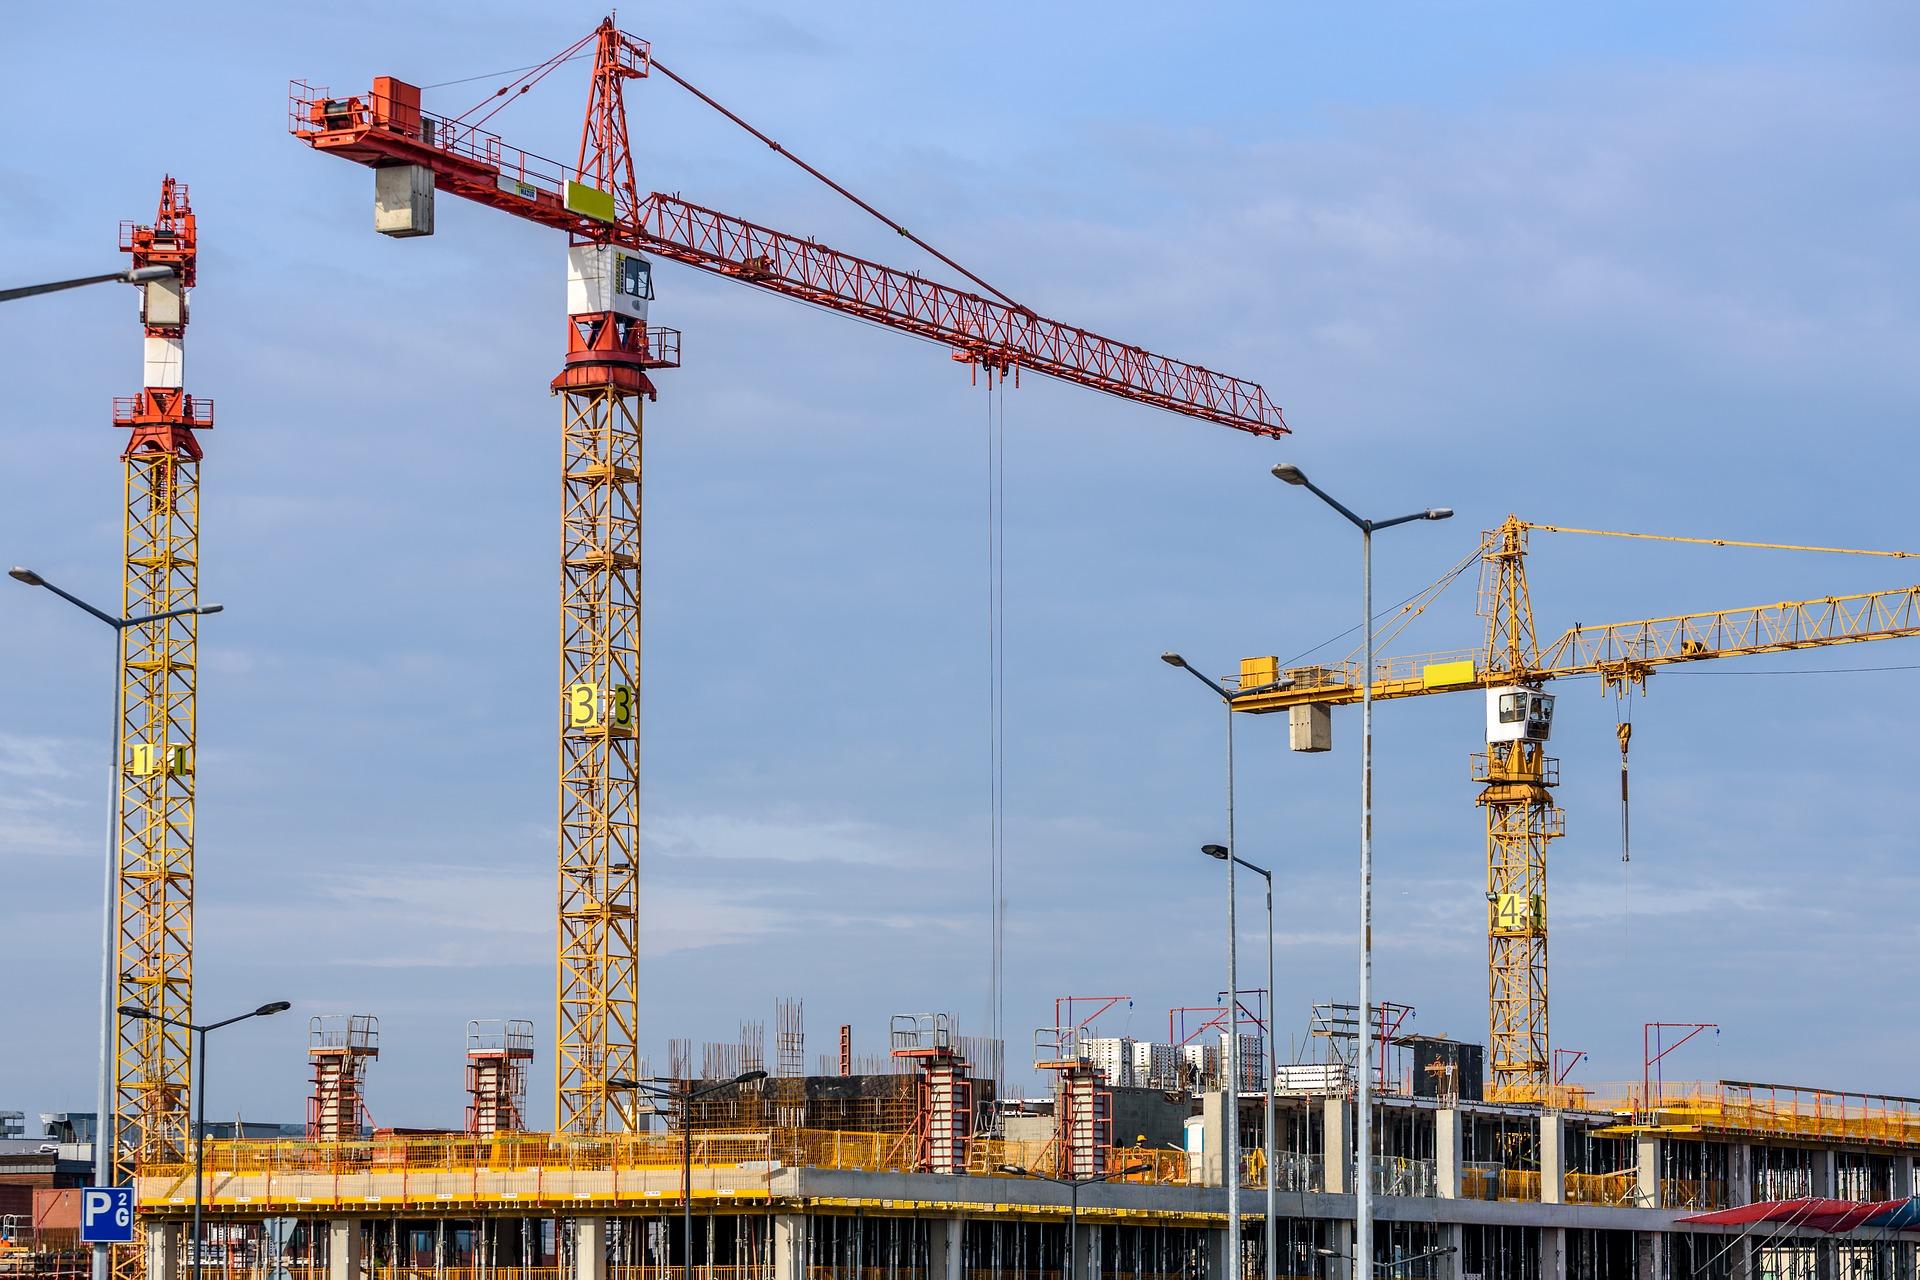 Nyolc milliárd forinttal megemelték az Építőipari Támogatási Program keretösszegét